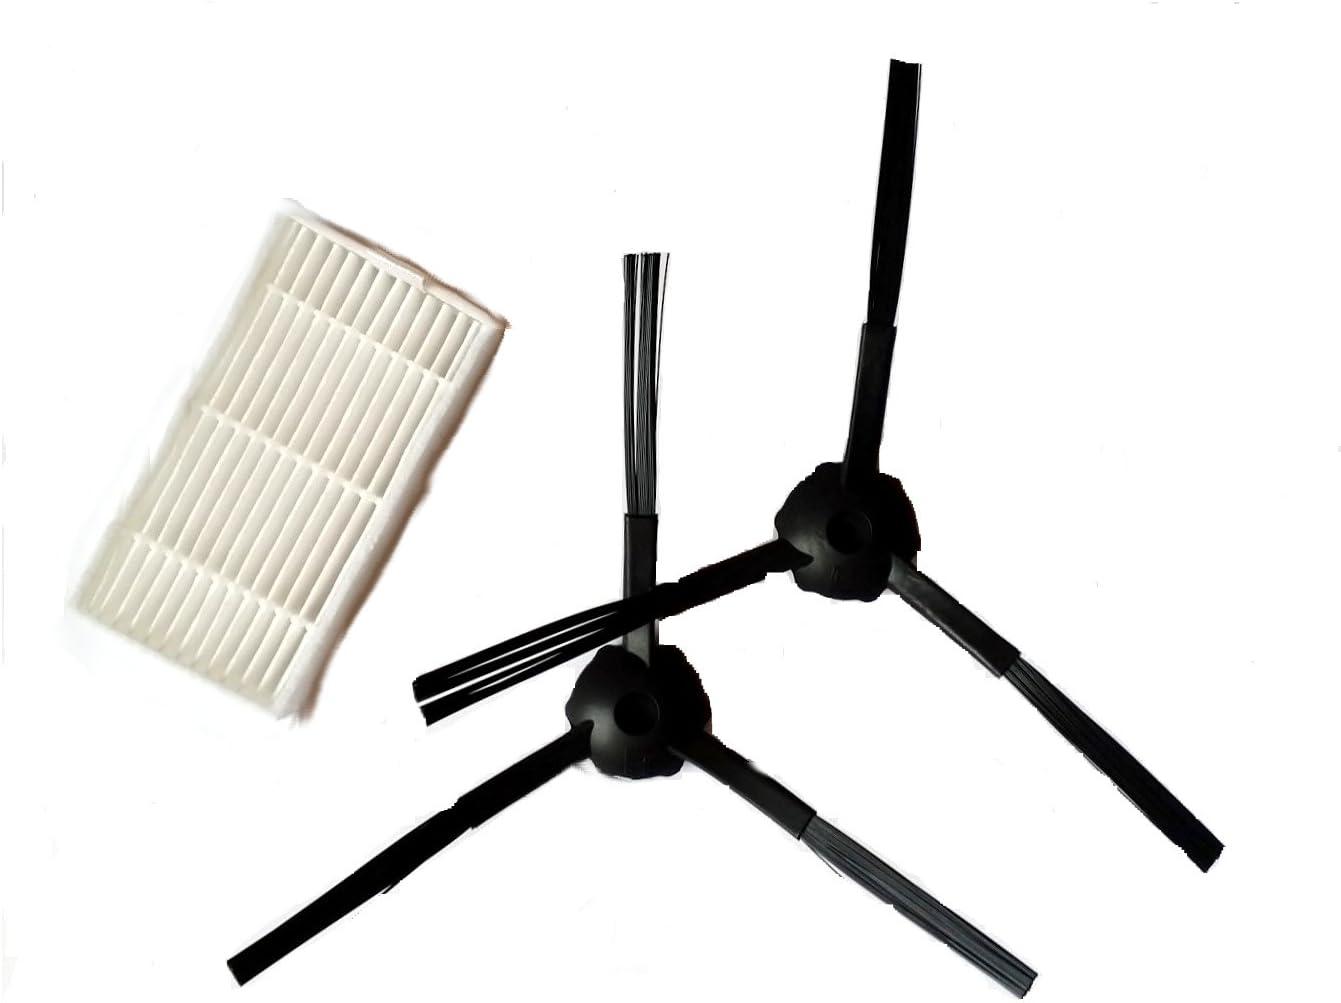 X500-1 par para cepillos & 1 – Filtro hepa para Robot Aspirador Profesional Master Robot 2712 o ariete briciola 2711,2712,2717: Amazon.es: Hogar